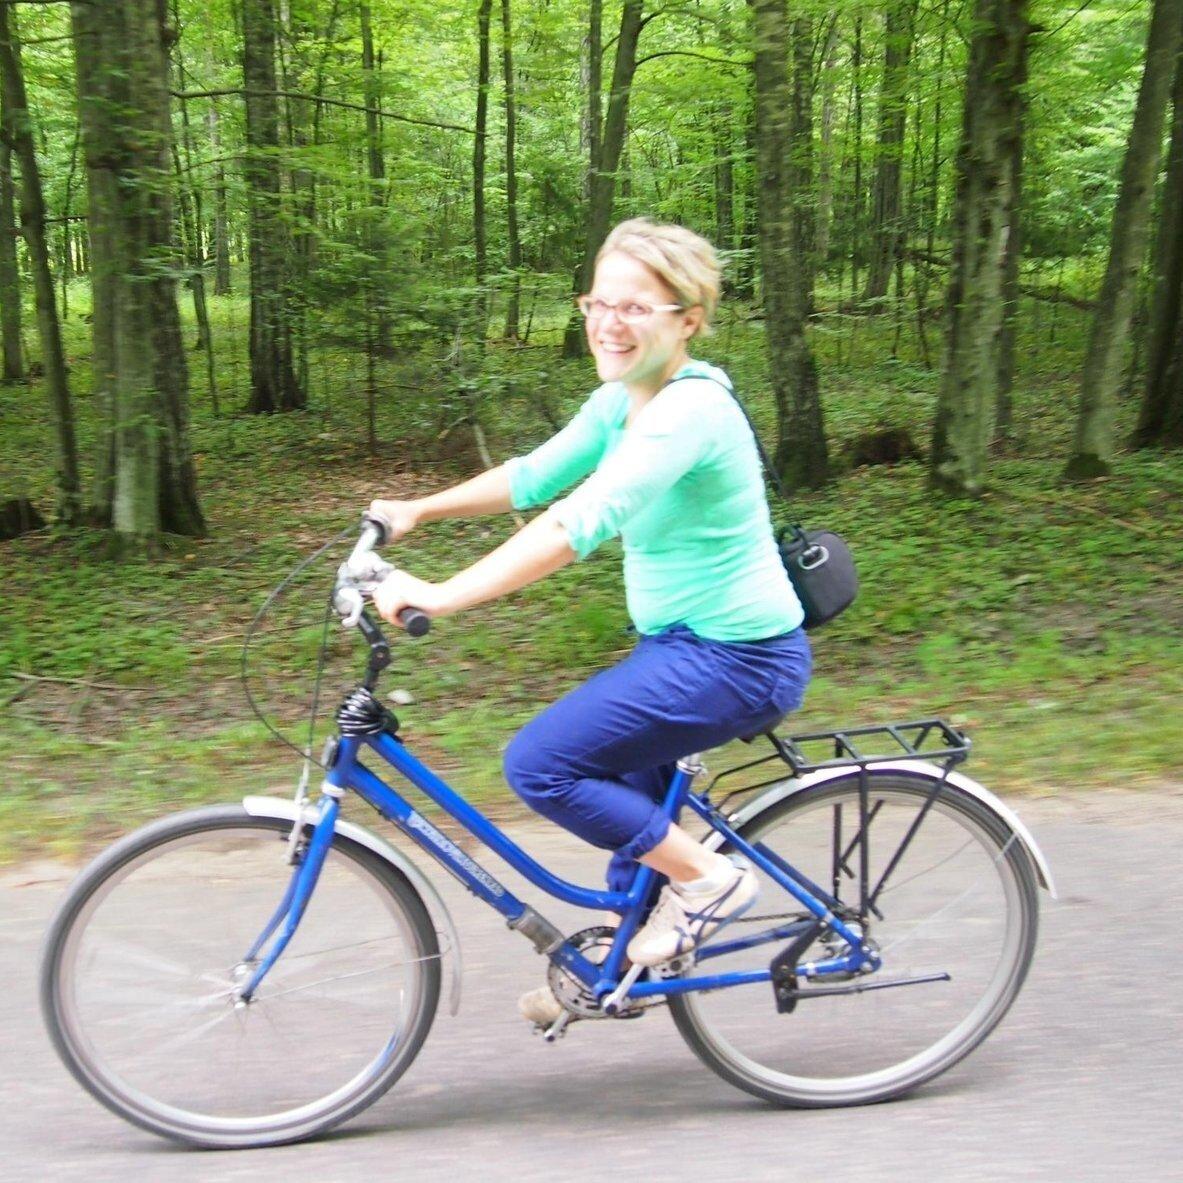 Morgan riding a bike.